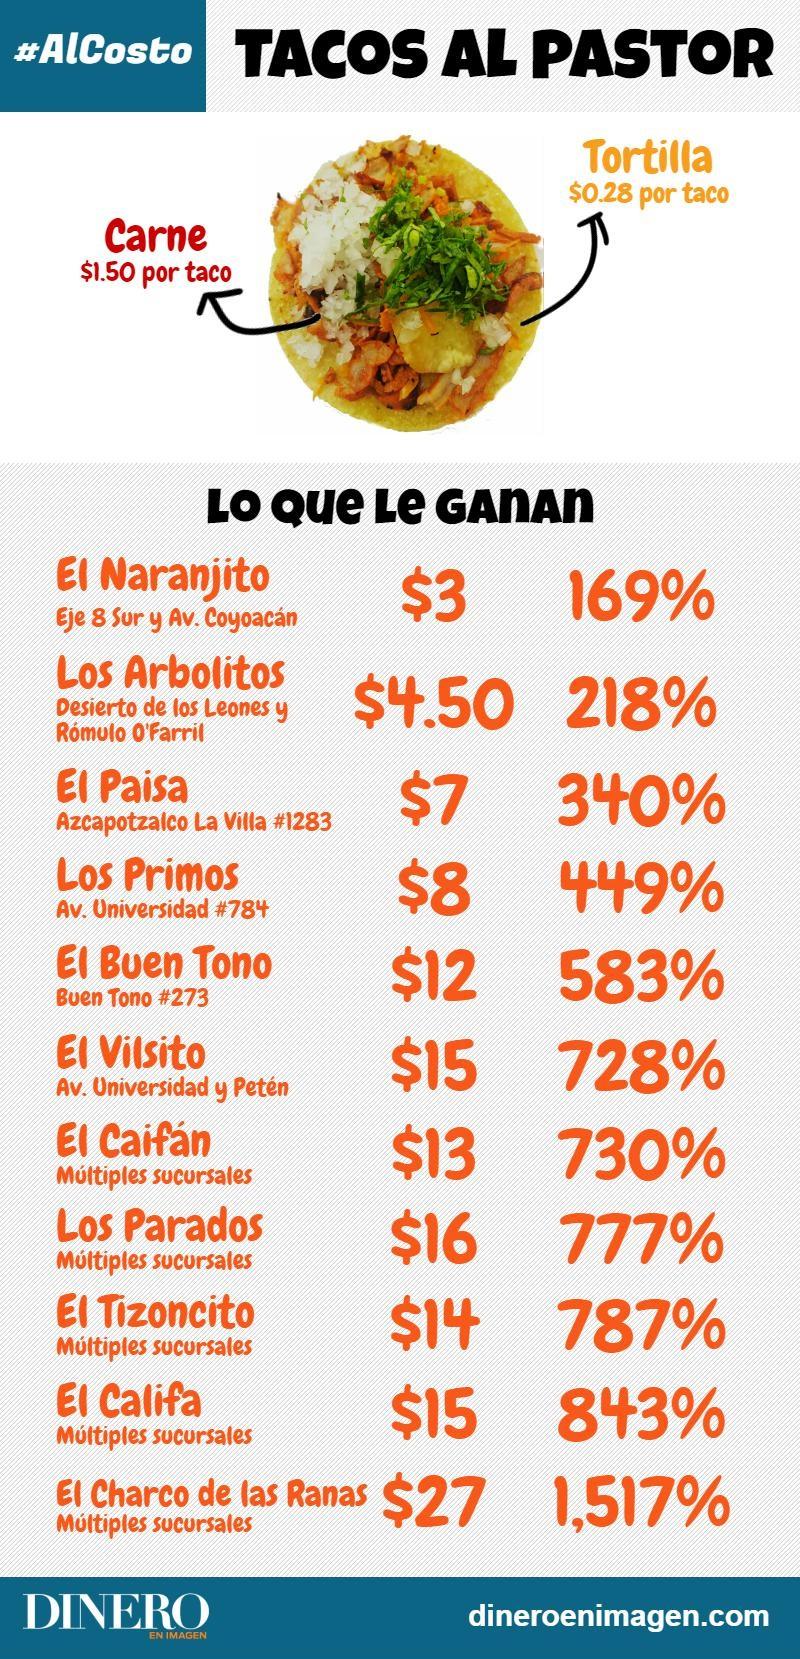 Tacos Al Pastor Cu 225 Nto Cuestan En Realidad Y A Cu 225 Nto Los